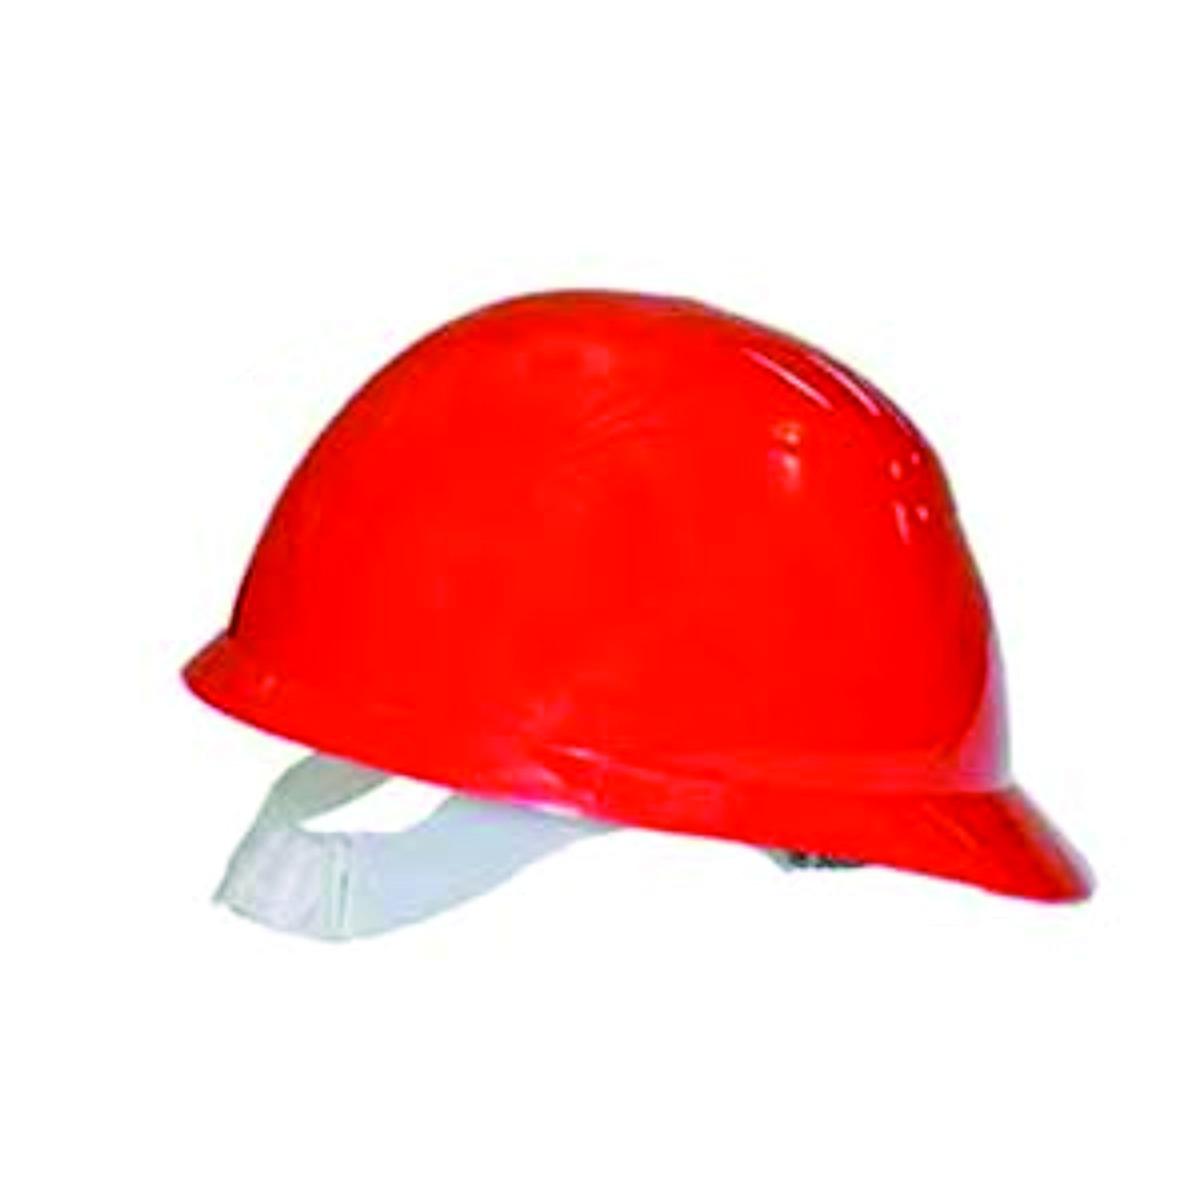 f1c17c0a39d14 capacete de segurança, proteção da cabeça contra impactos. Carregando zoom.